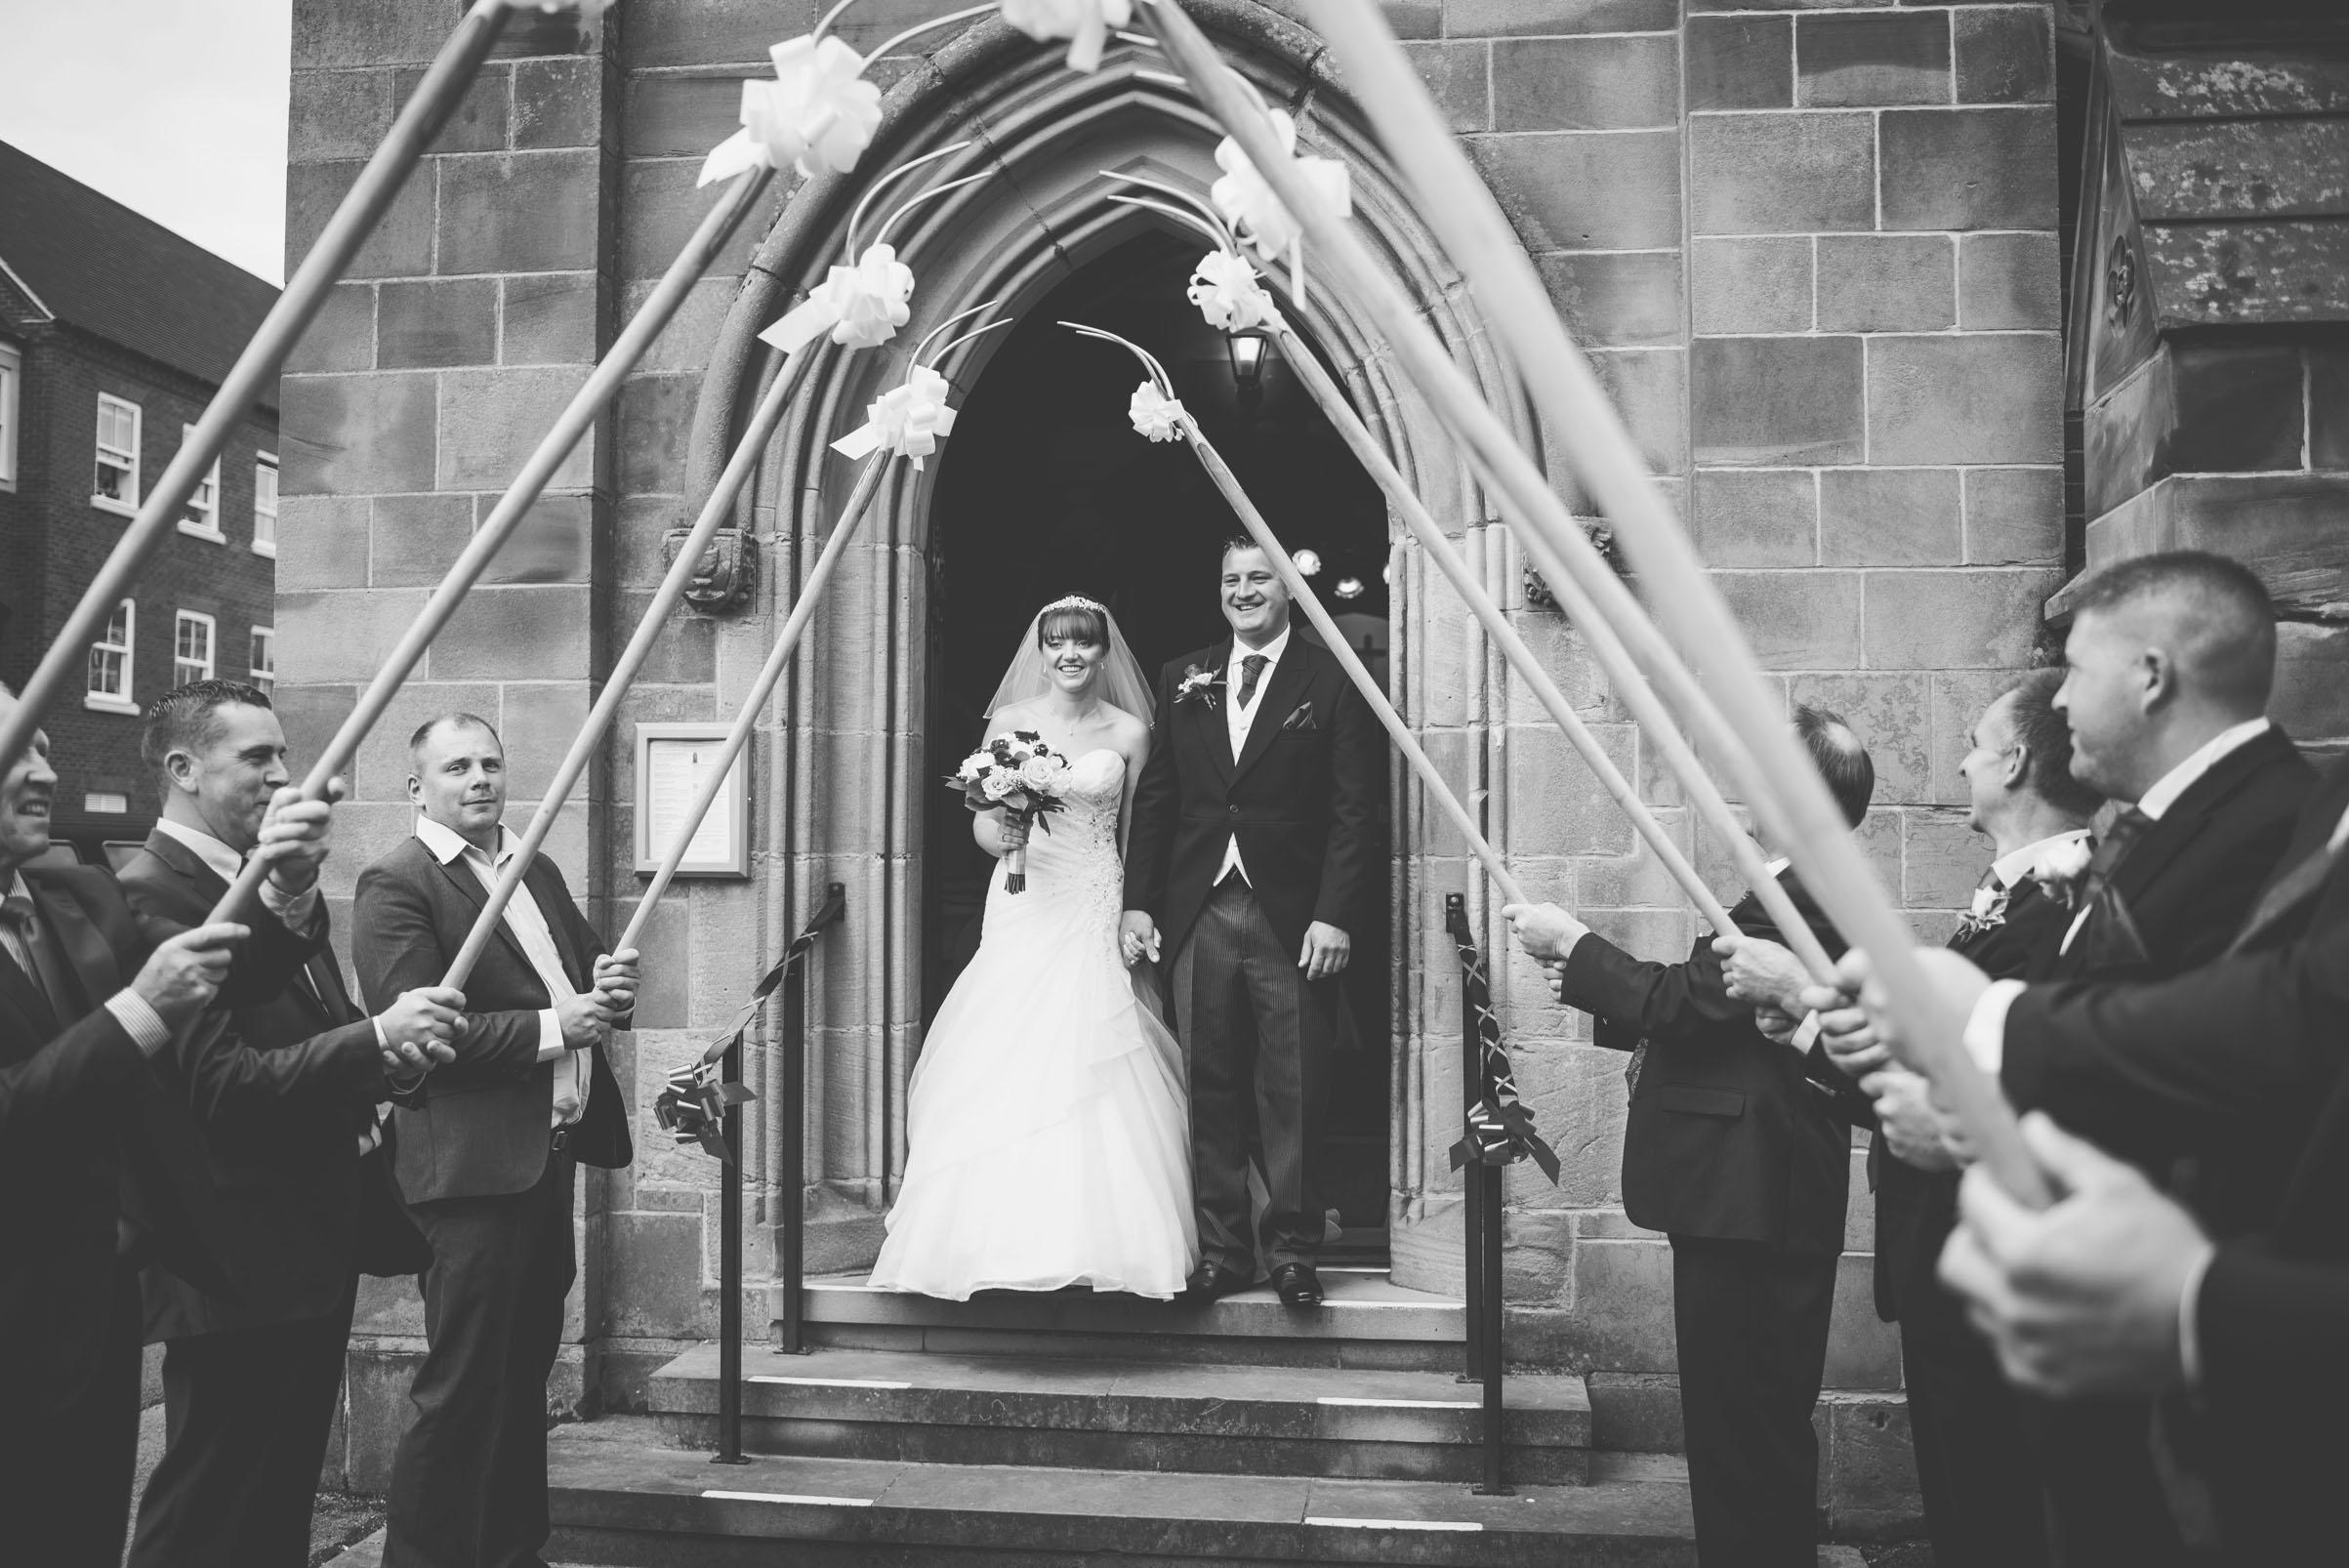 Farm-wedding-staffordshire-st-marys-catholic-church-uttoxter-40.jpg